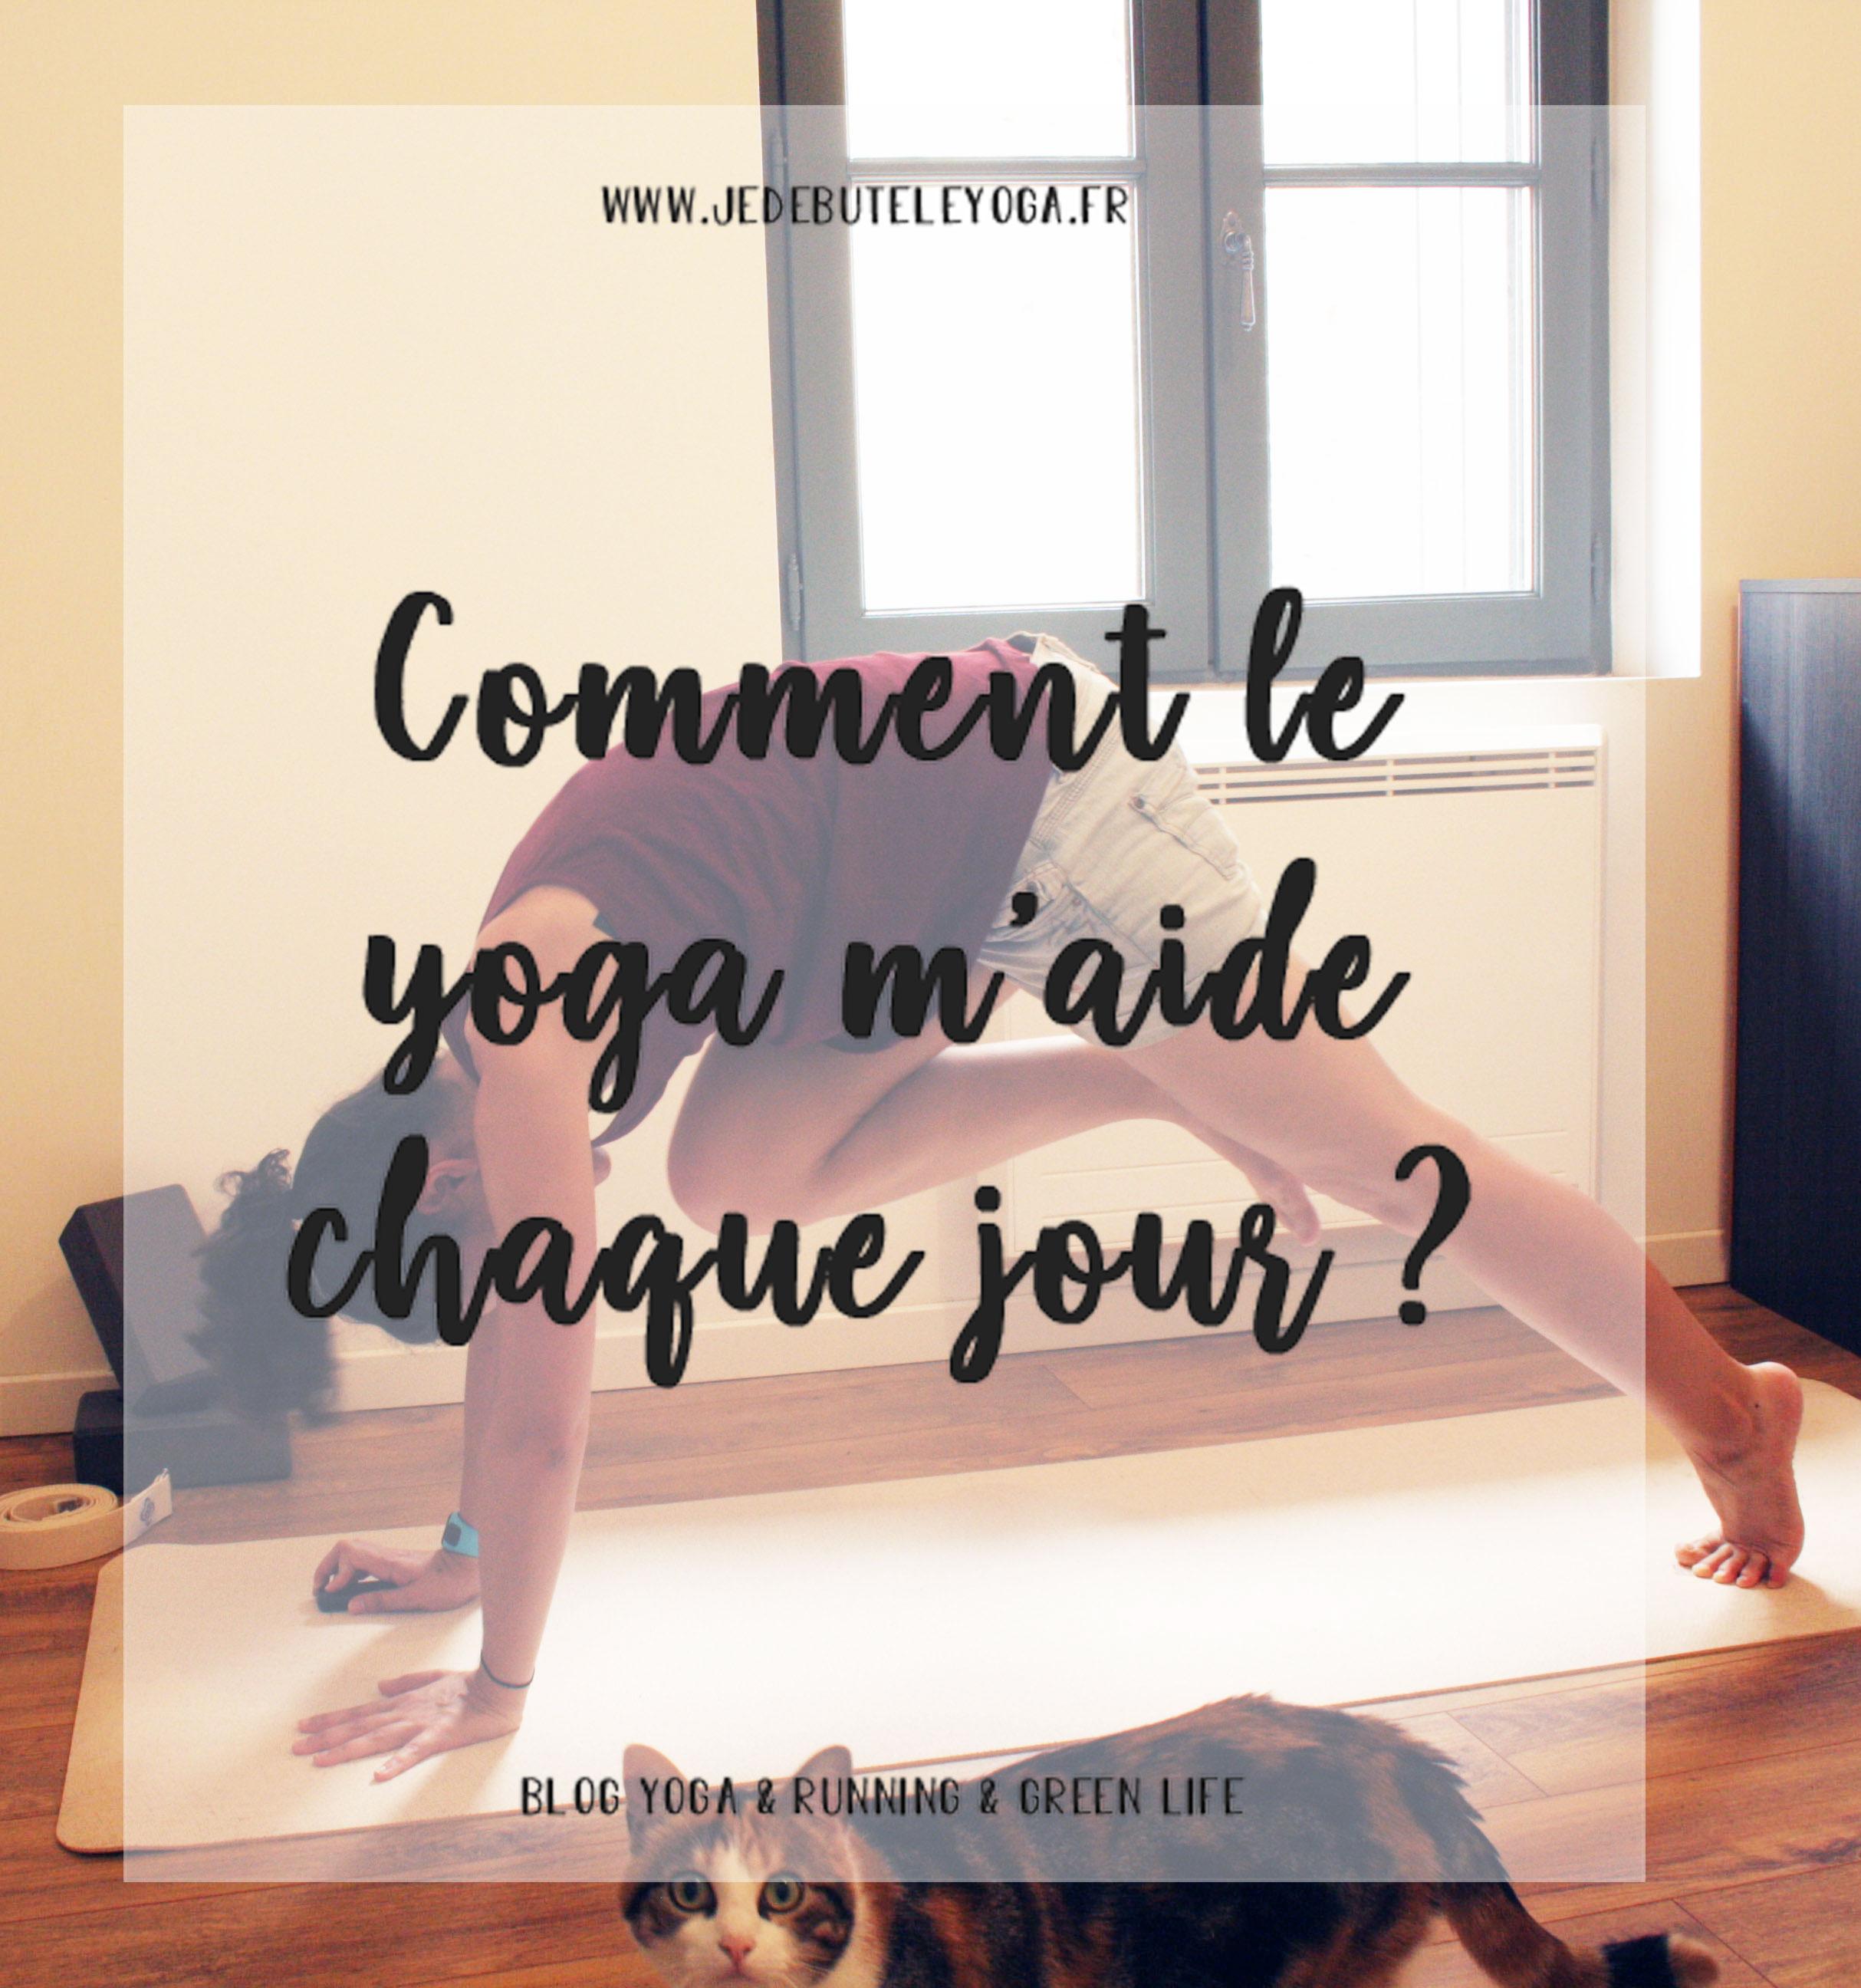 comment le yoga m'aide chaque jour ?